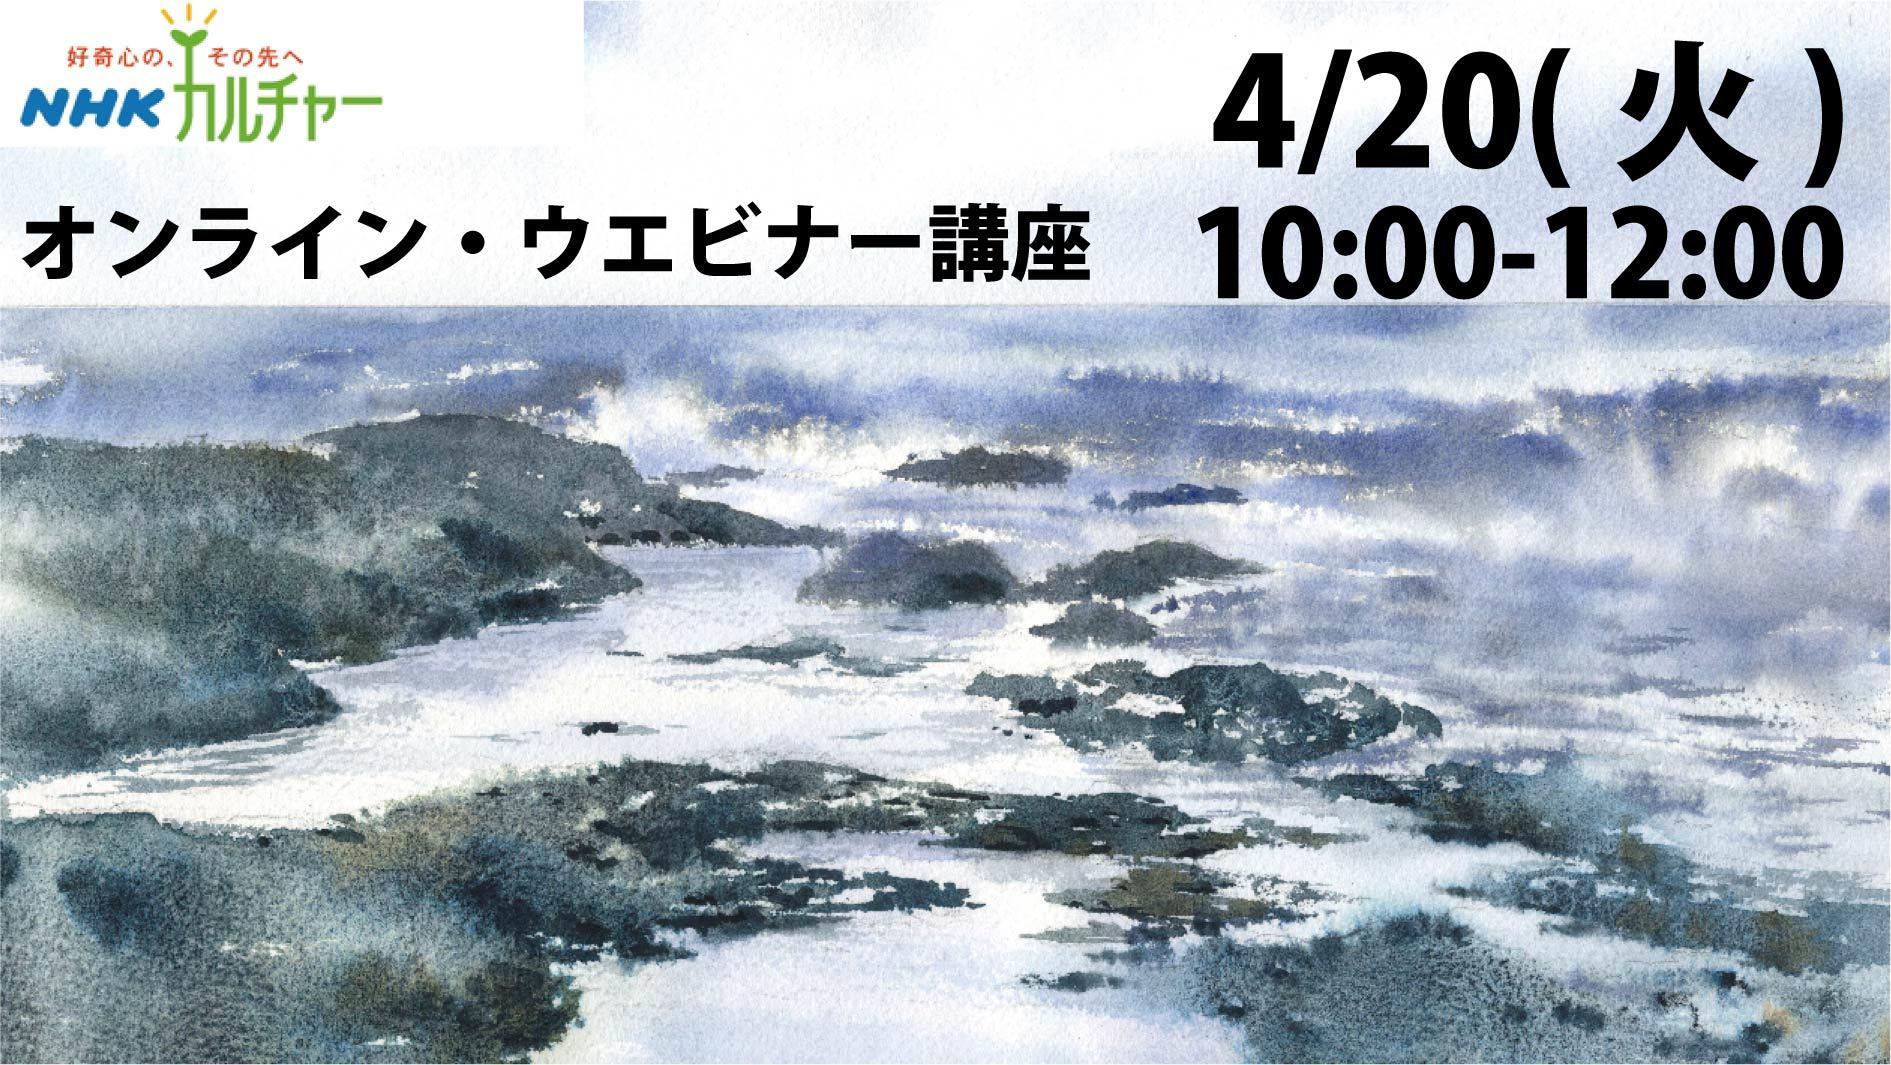 宣伝ばかりですいません!! NHKカルチャー講座。 春崎幹太 海の水彩画。_f0176370_16050139.jpg